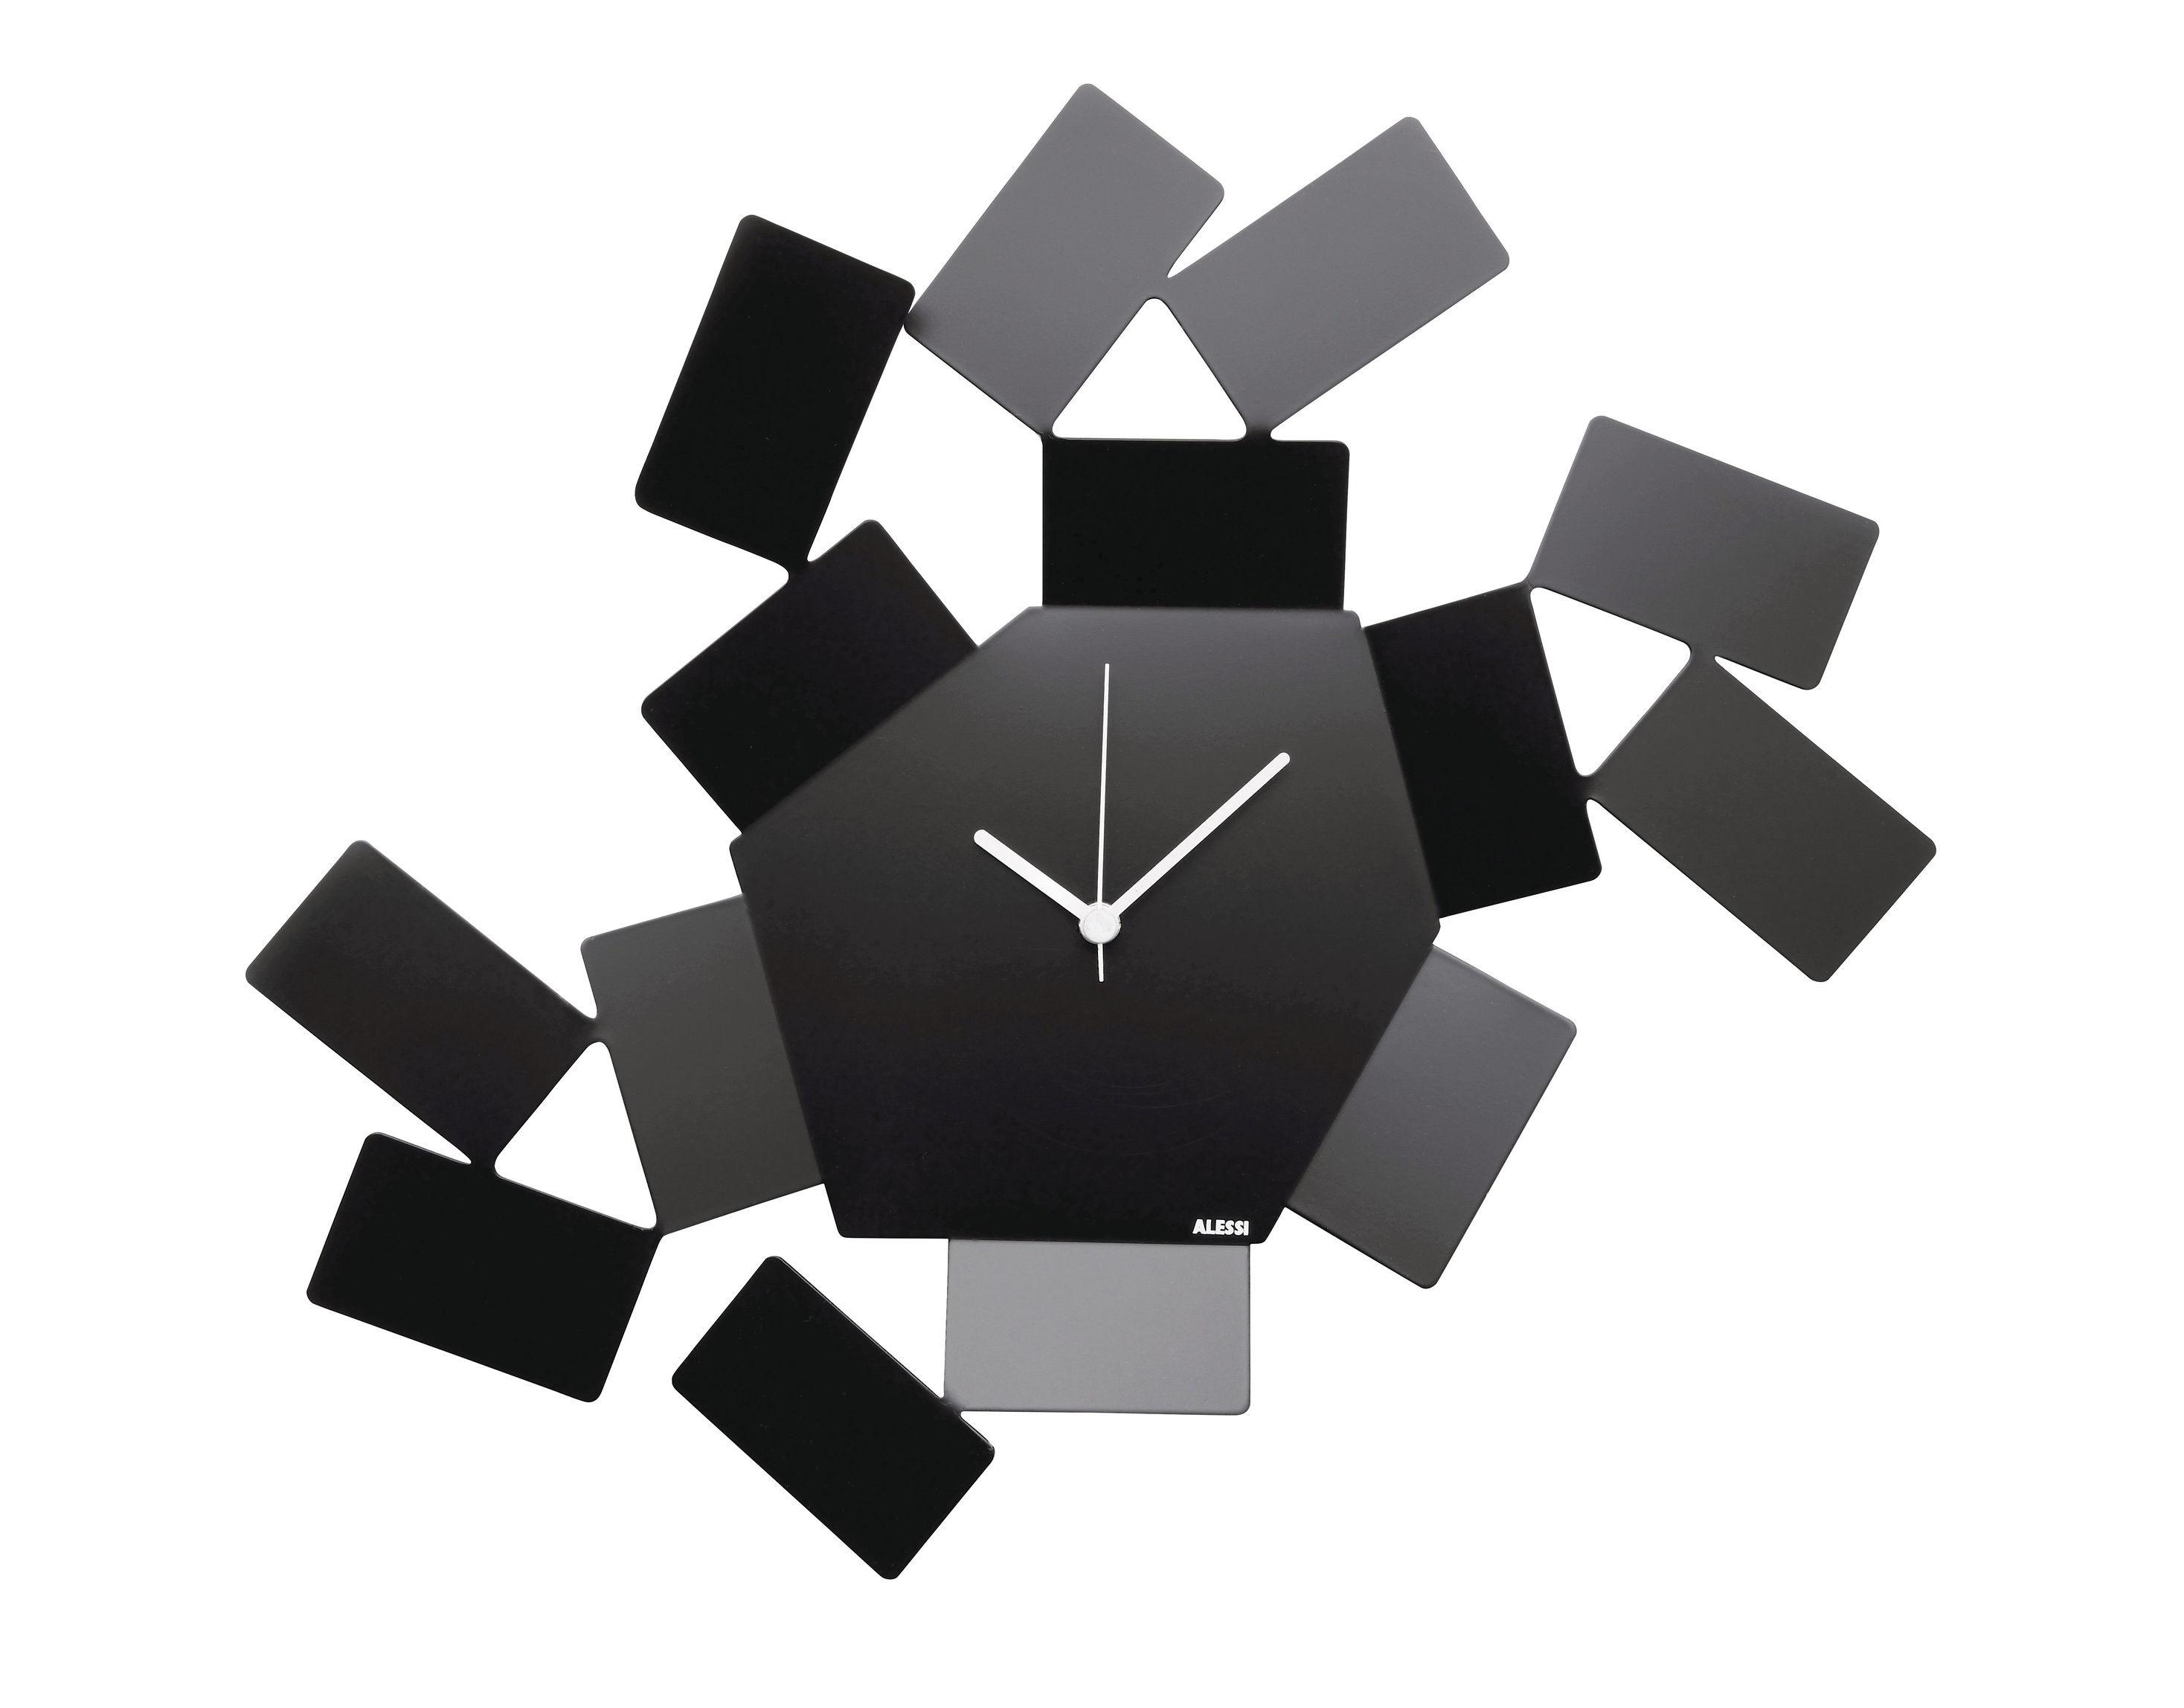 Interni - Orologi  - Orologio a parete La Stanza dello Scirocco / L 46 x H 33,5 cm - Alessi - Nero - Acciaio